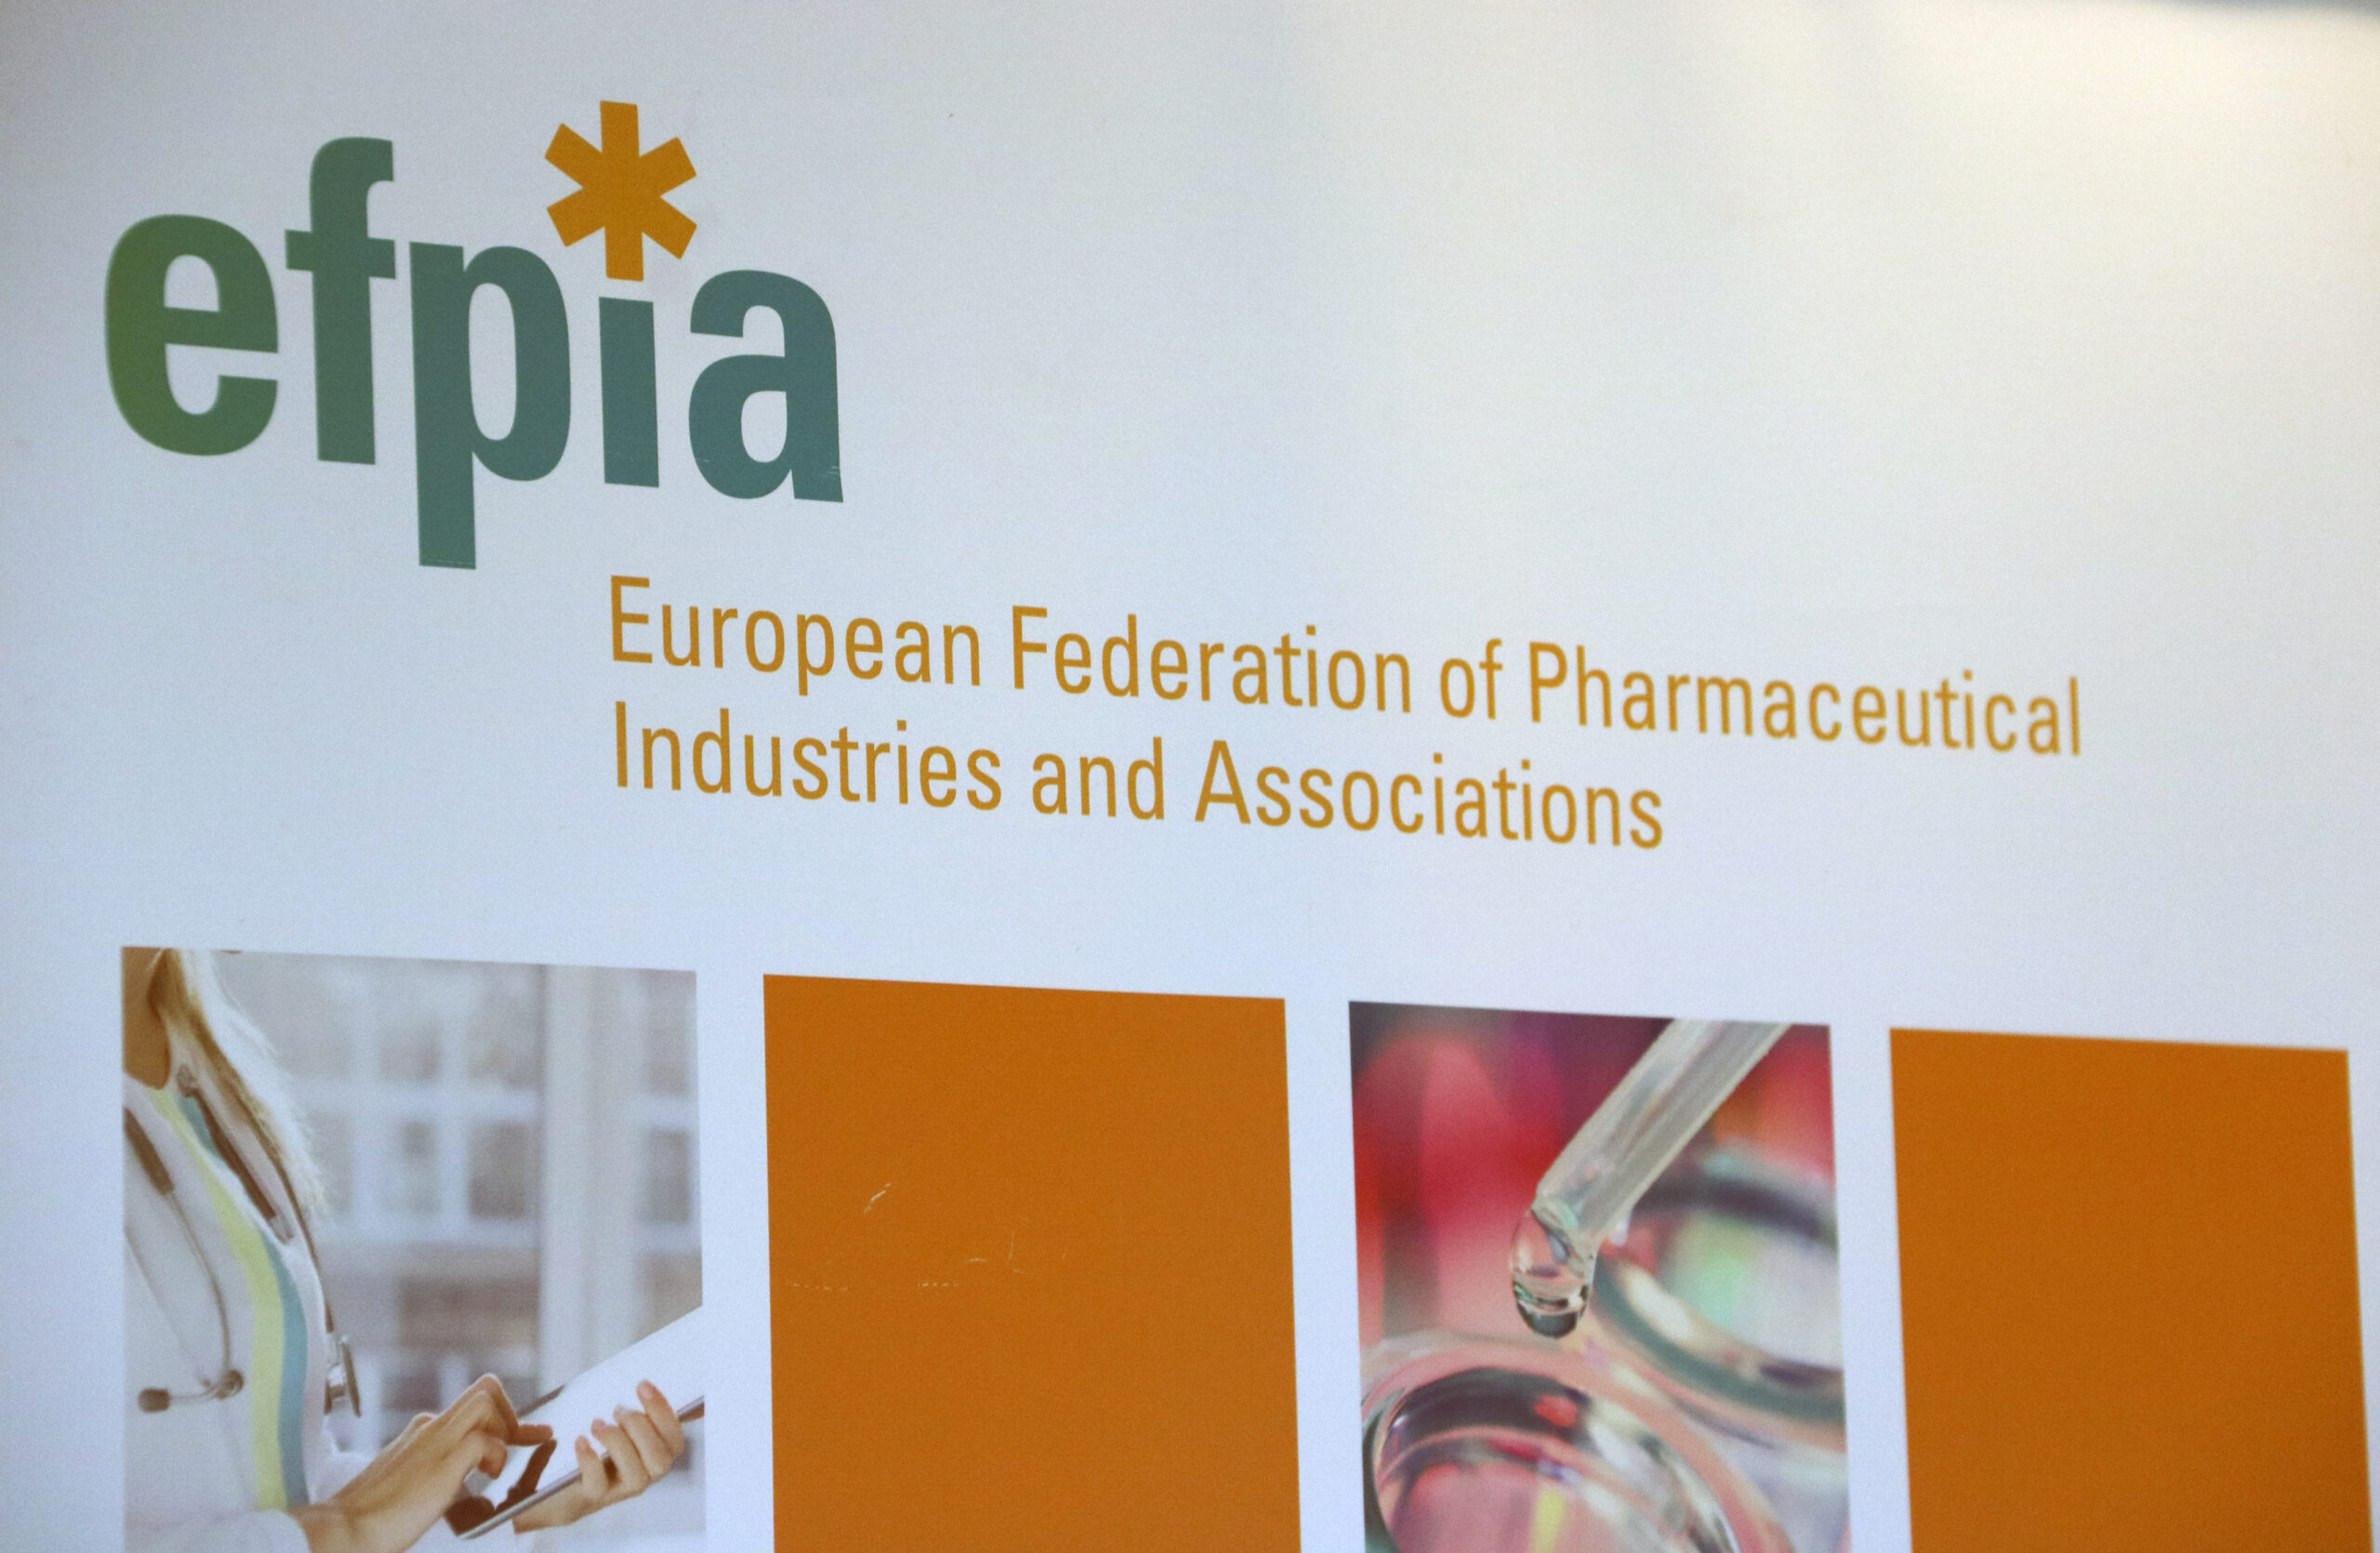 Logo de la Federació Europea de la Indústria Farmacèutica, a Brussel·les el 10 de març del 2020 / ACN